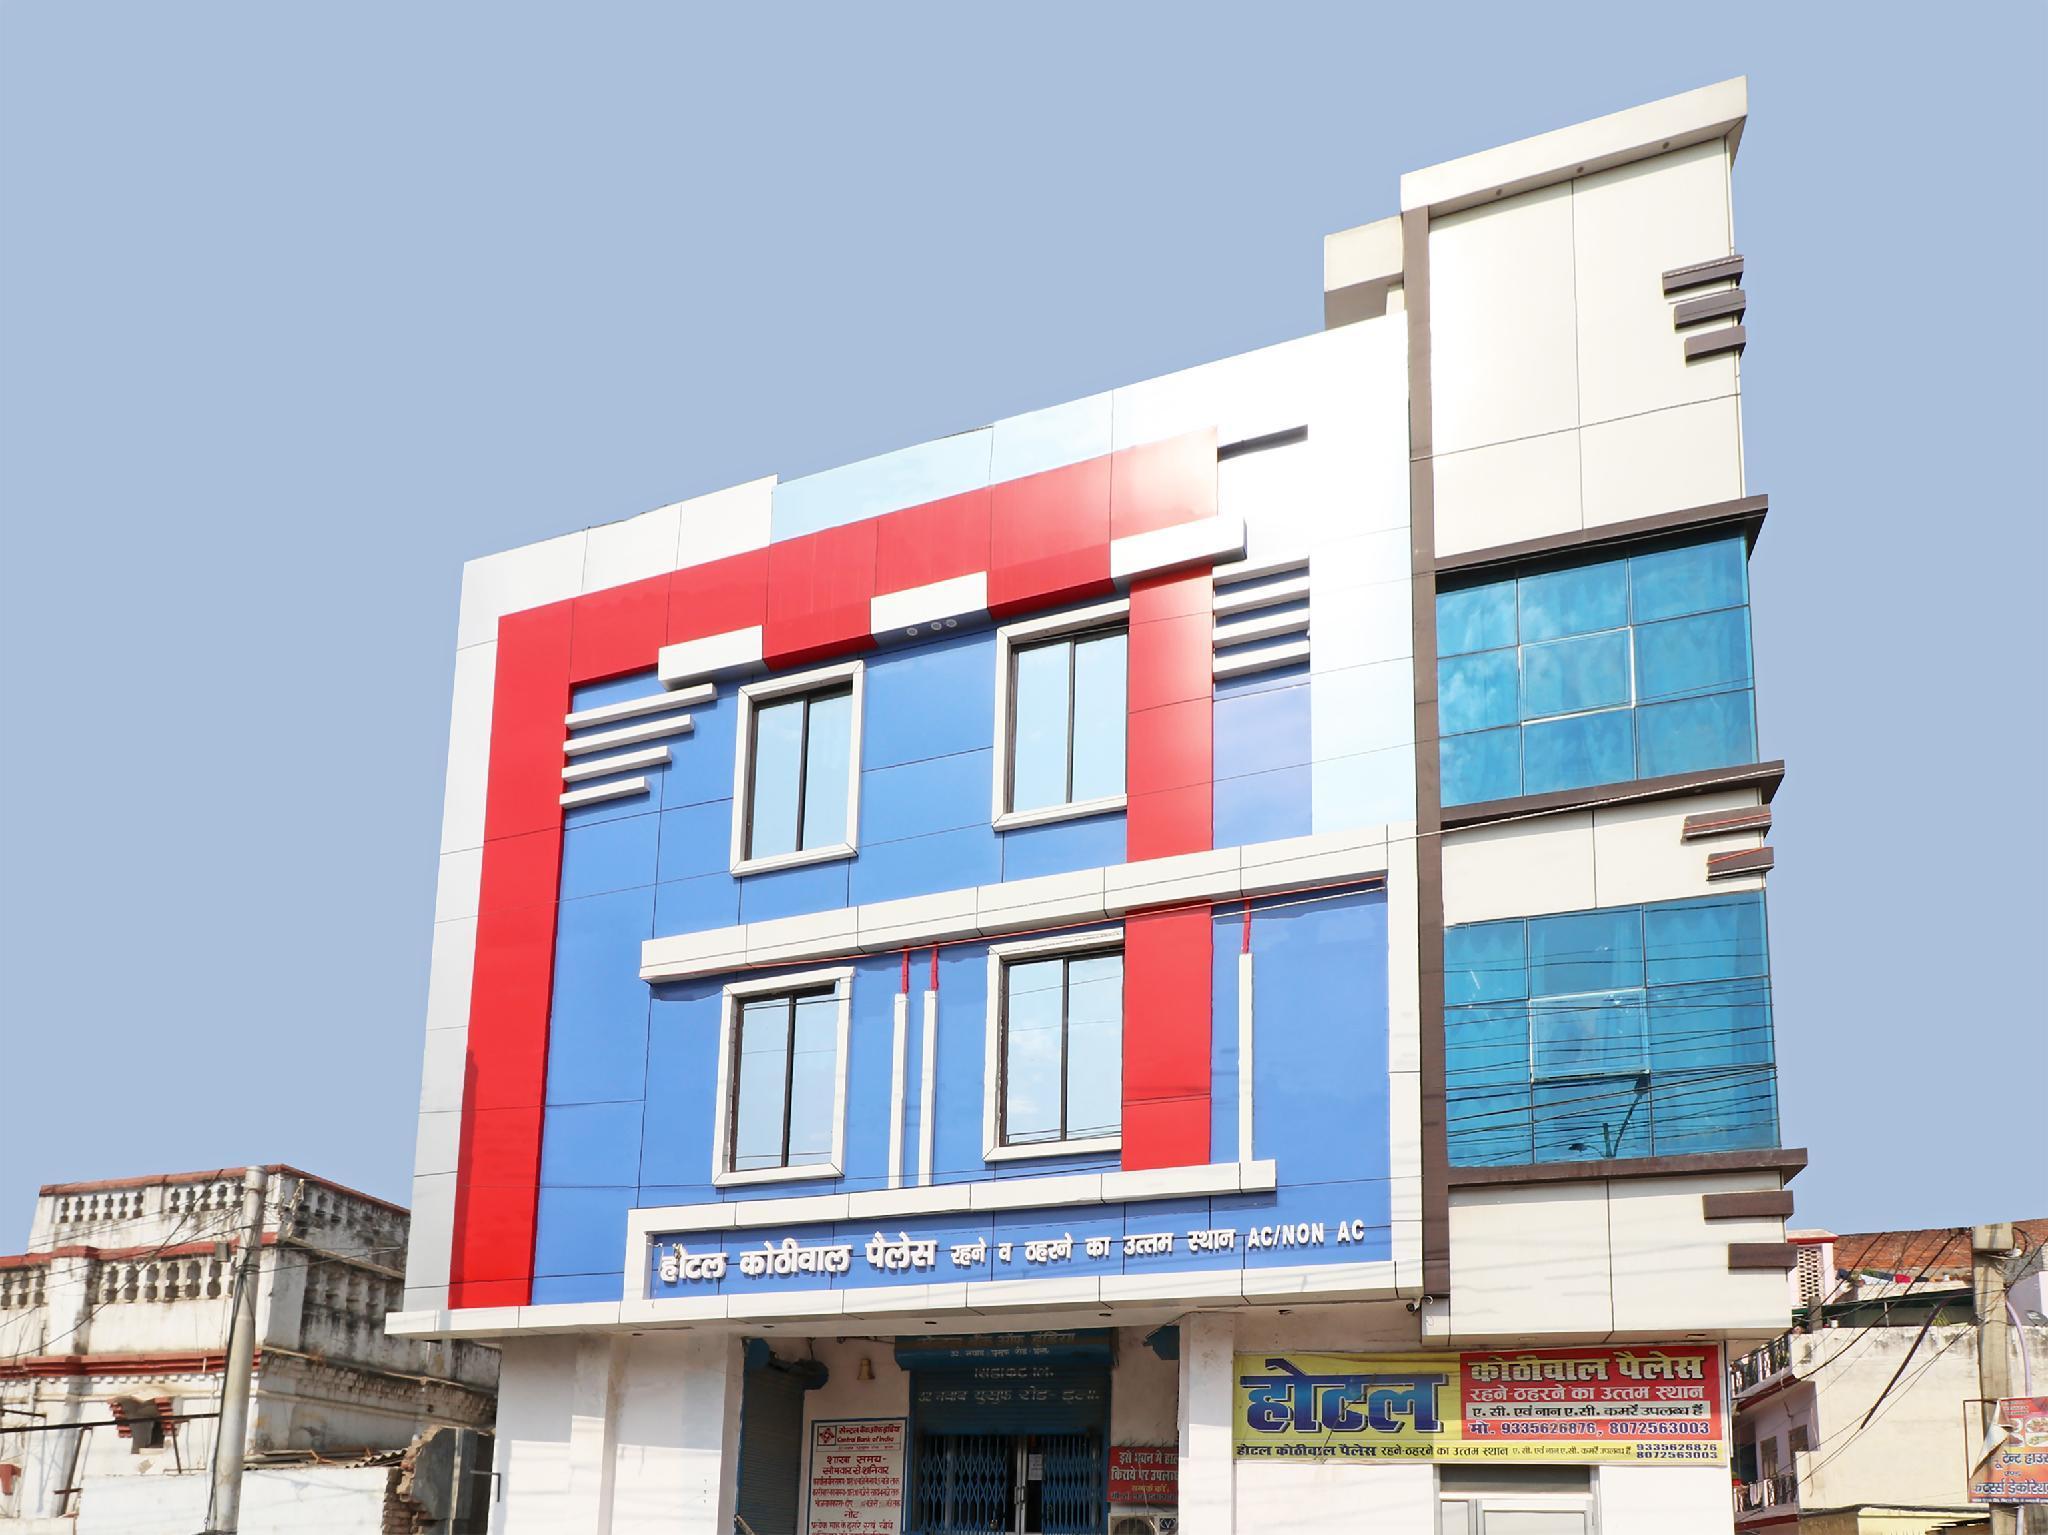 OYO 28299 Hotel Kothiwal, Kaushambi